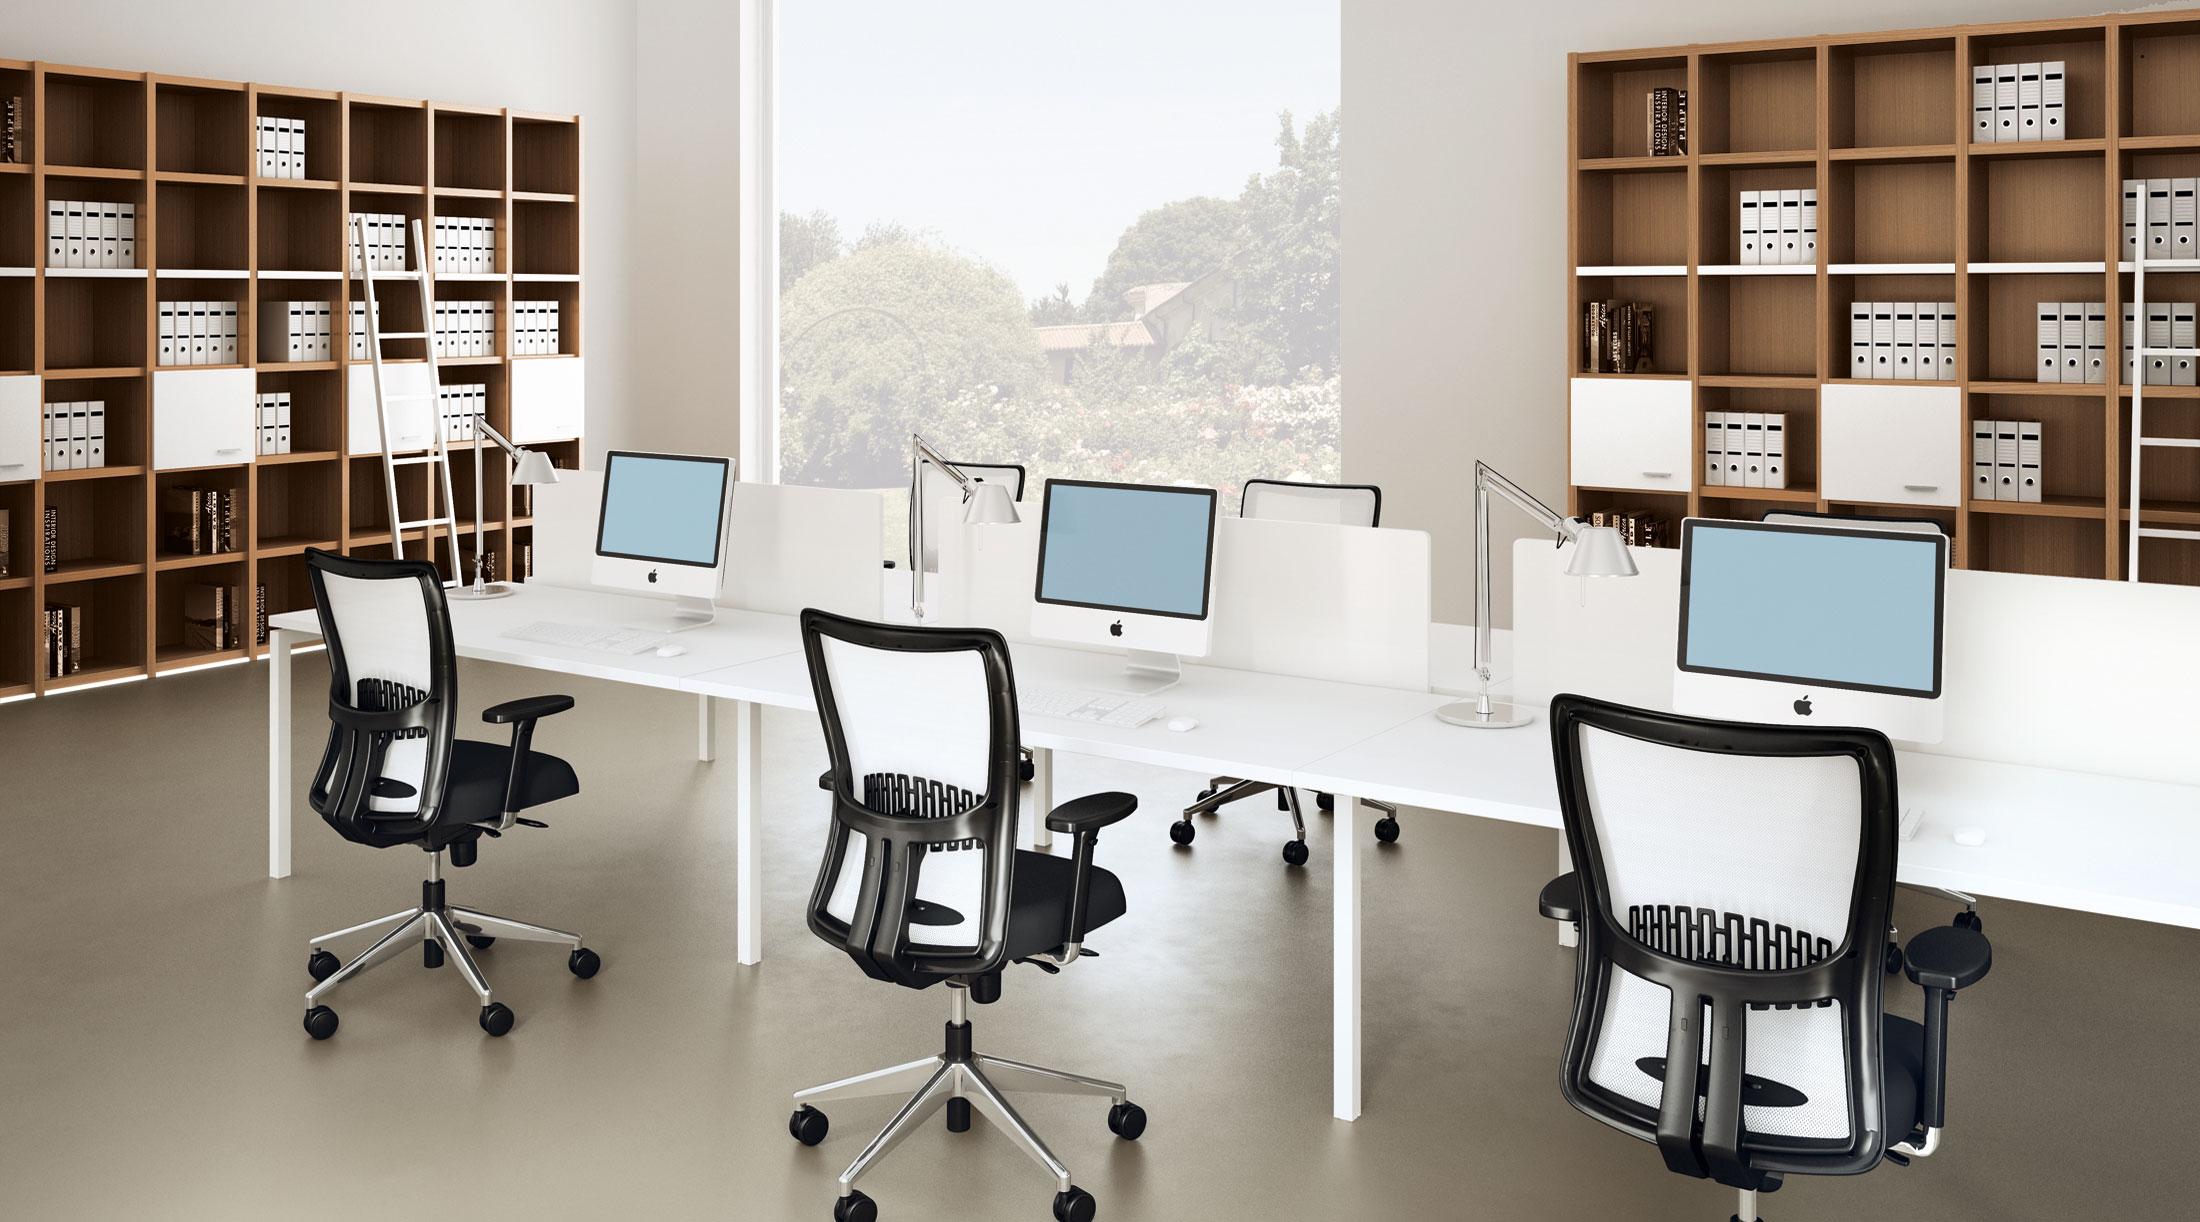 湖南浩安公装公司装修设计资讯知识办公空间装修设计统一性与安全性运用原则